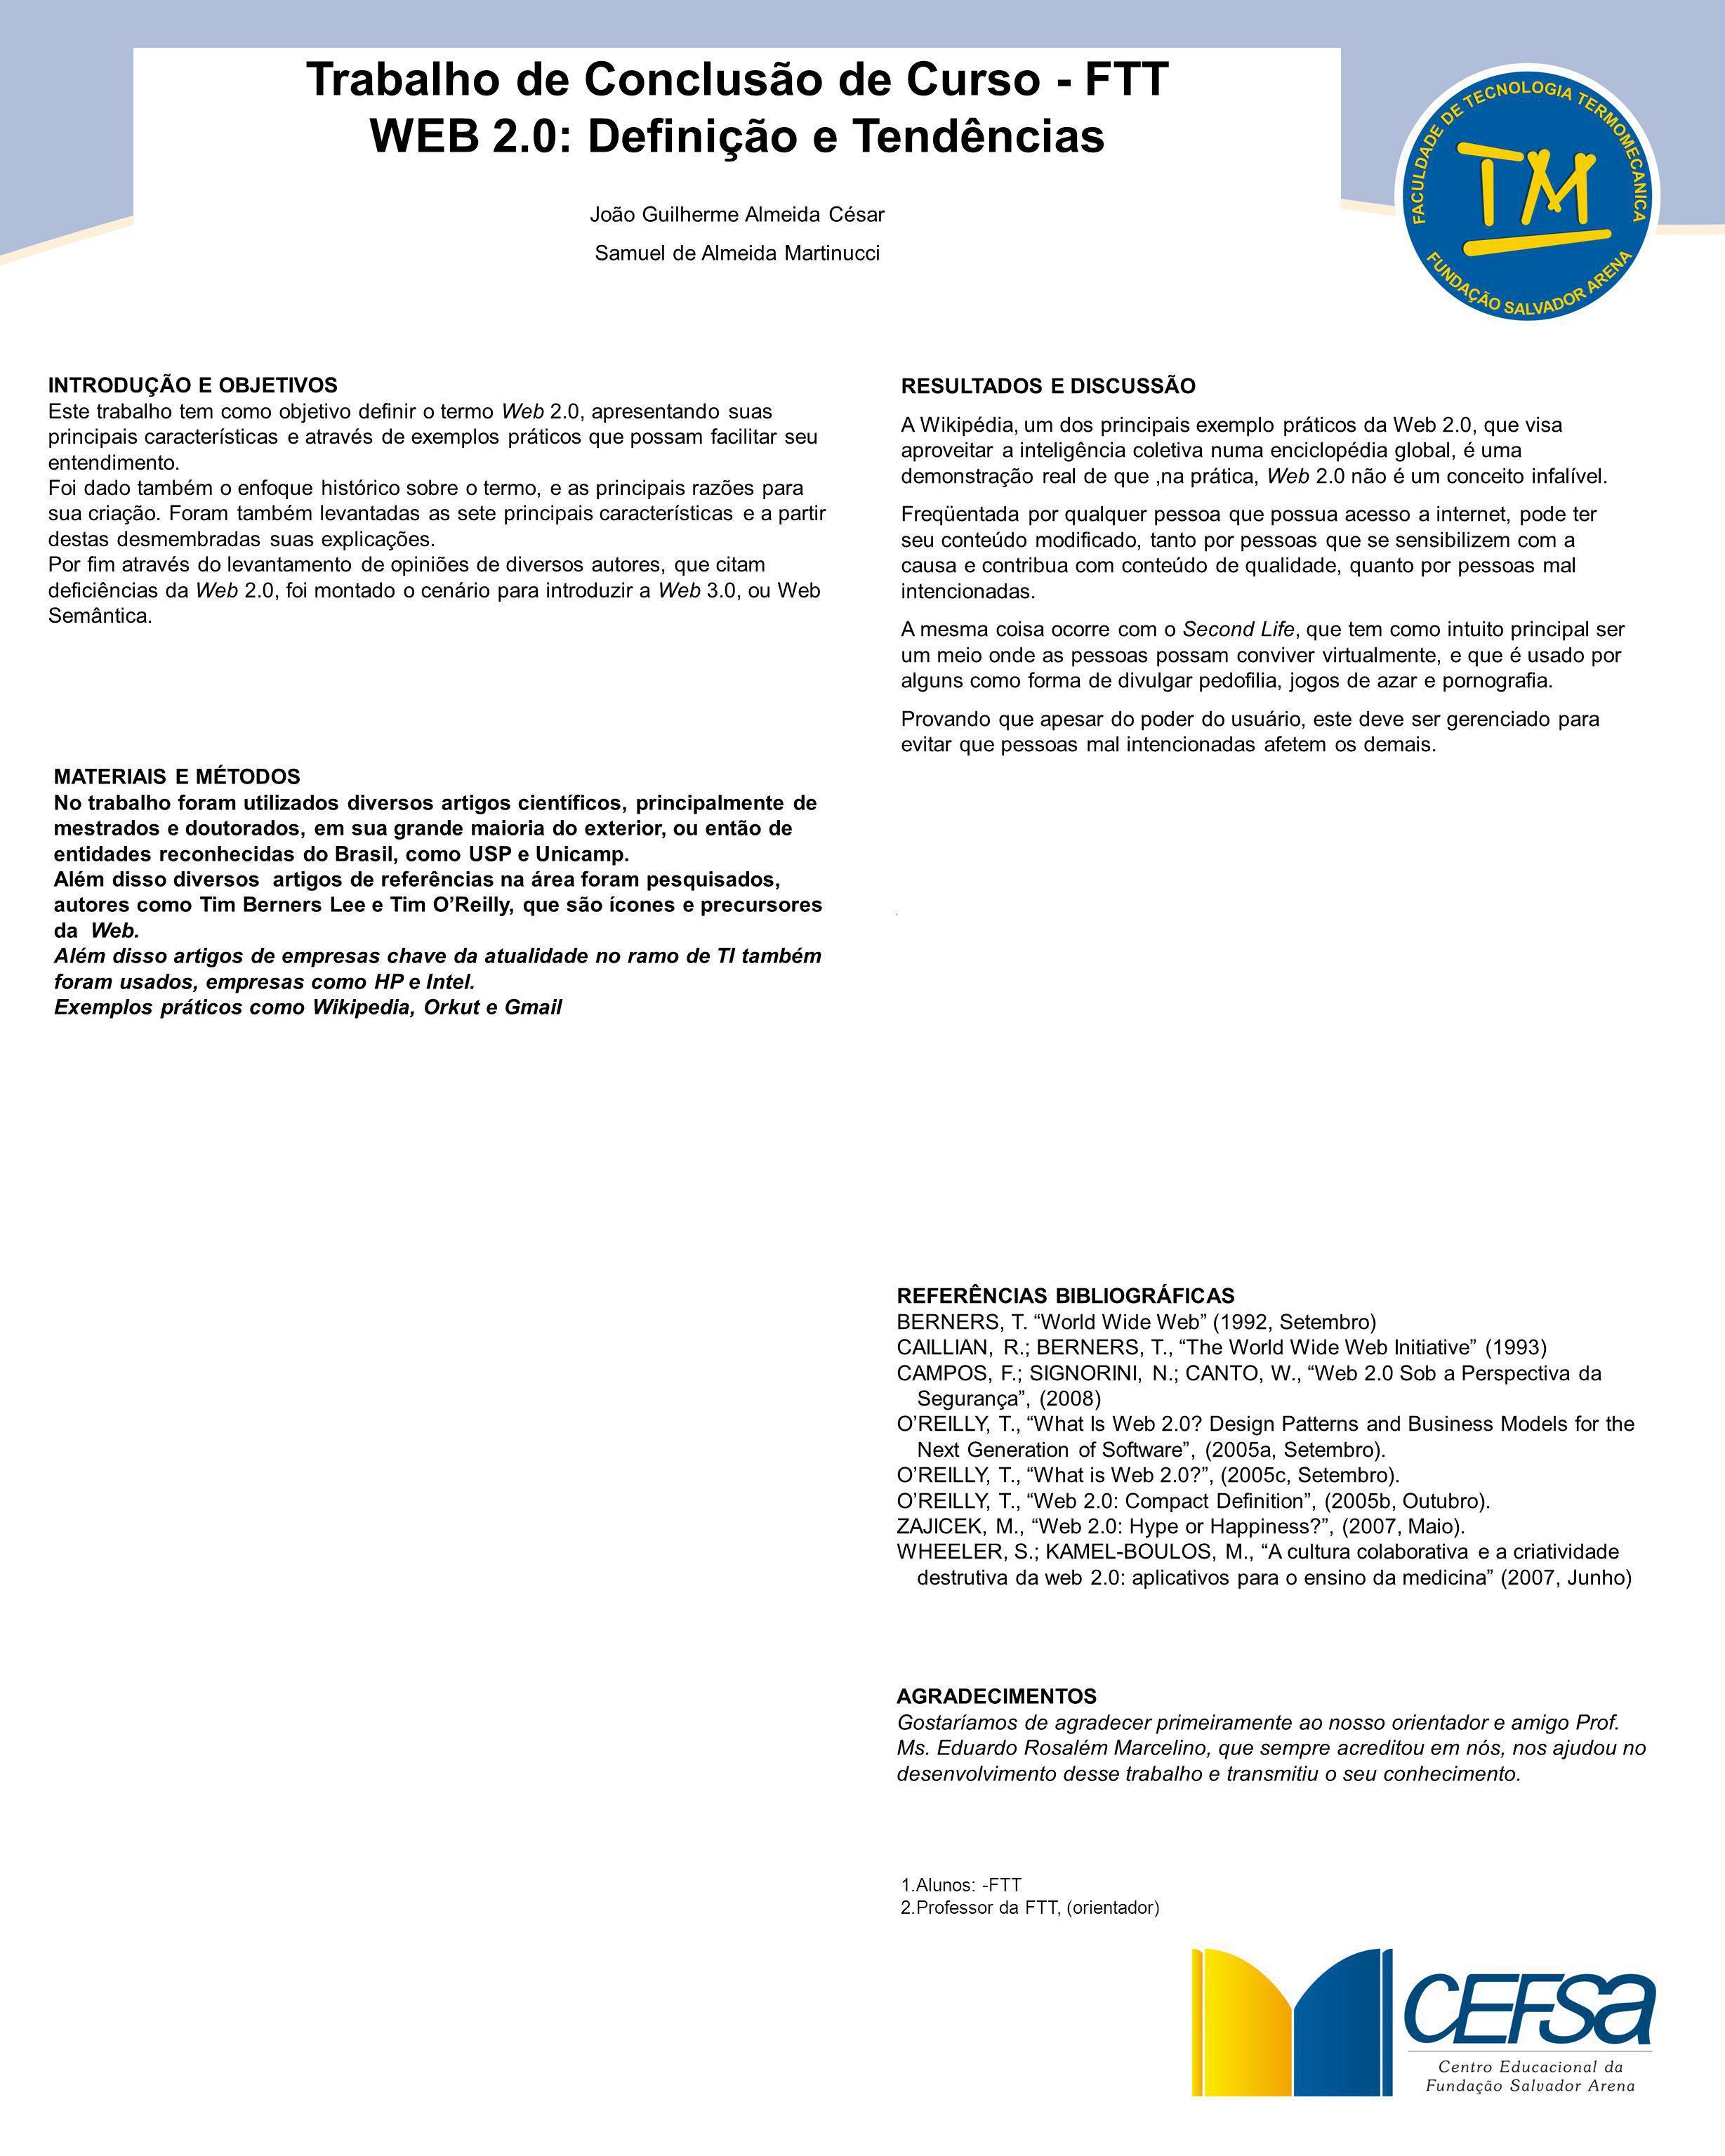 Trabalho de Conclusão de Curso - FTT WEB 2.0: Definição e Tendências